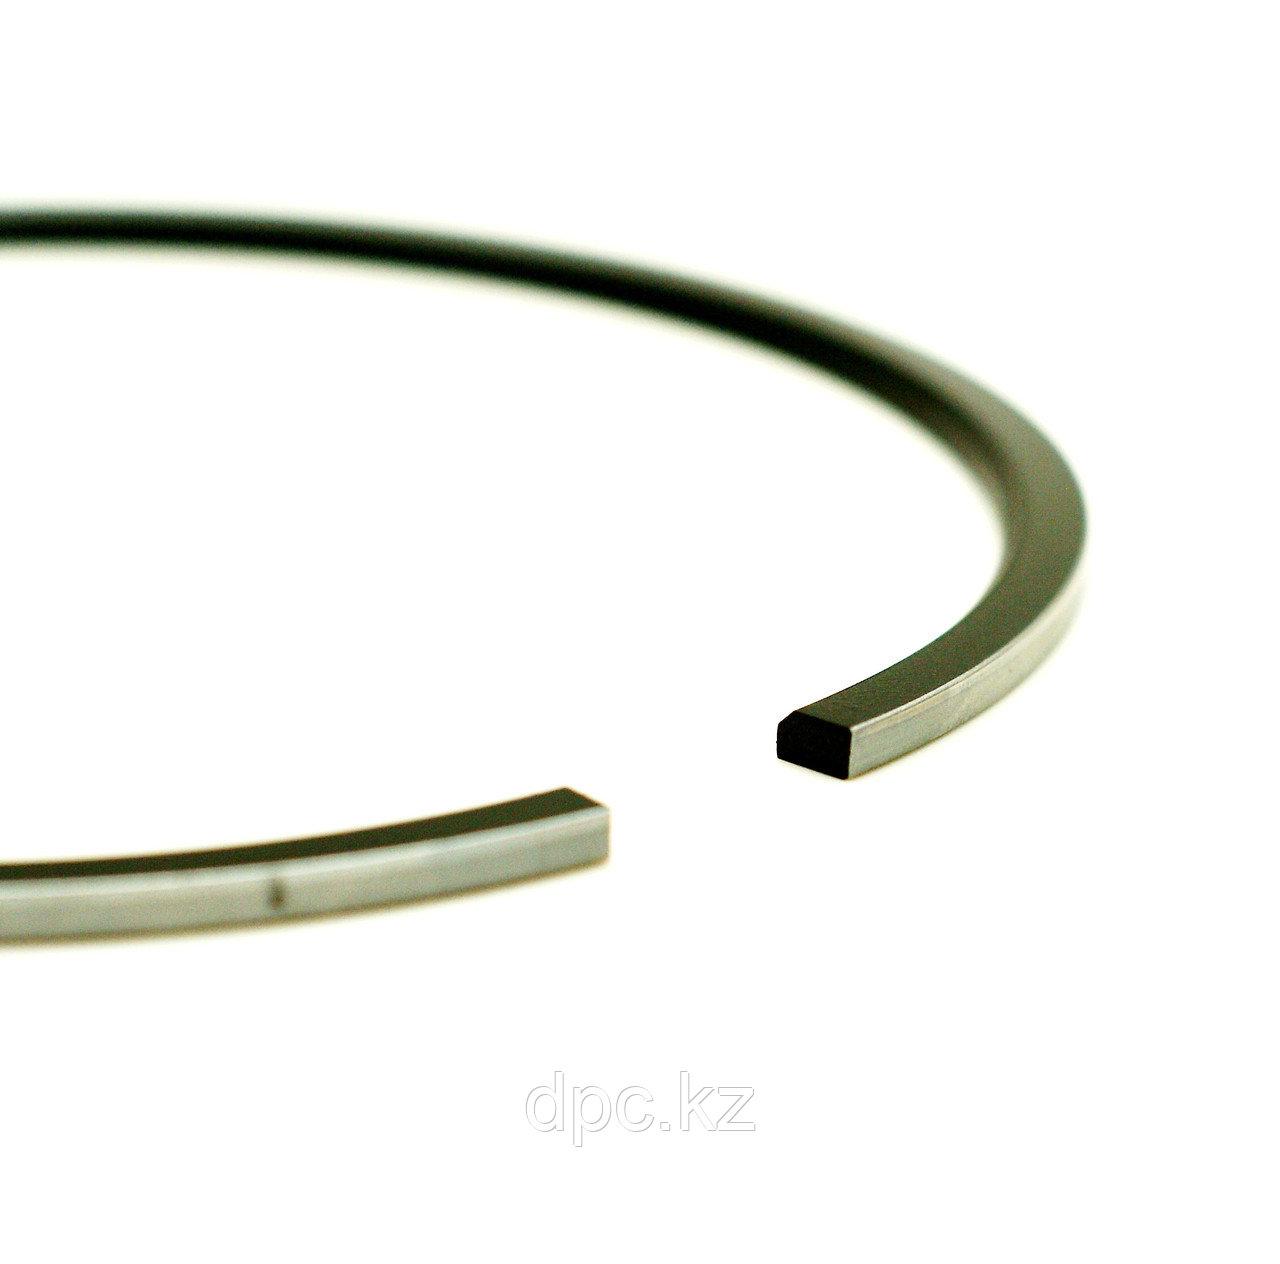 Поршневое кольцо уплотнительное Weichai WD615 61560030047